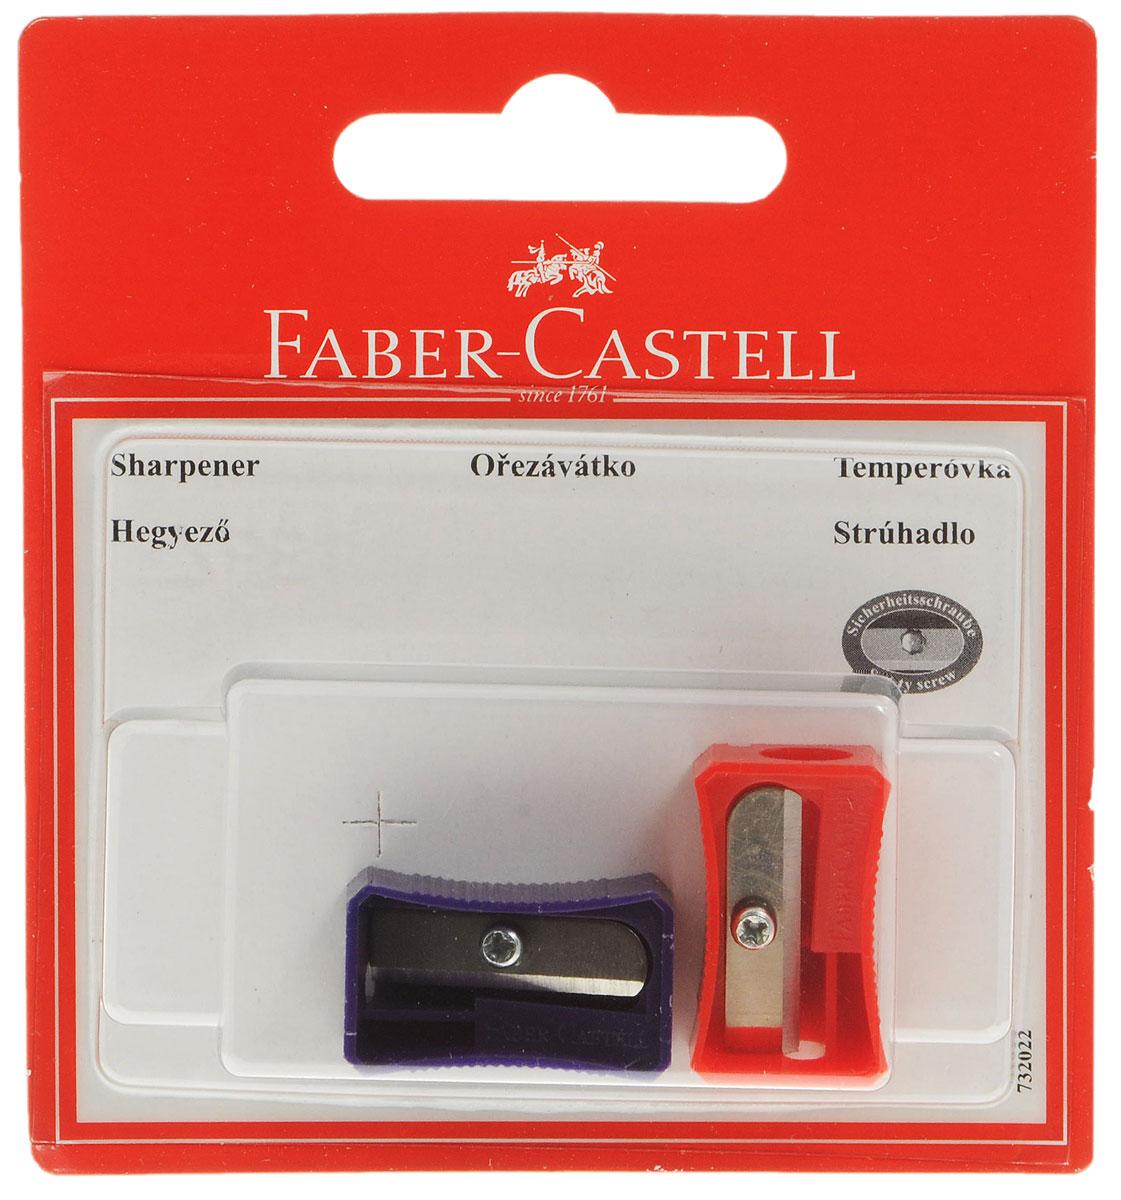 Точилка Faber-Castell предназначена для затачивания классических простых и цветных карандашей.В наборе две точилки из пластика красного и фиолетового цветов с рифленой областью захвата. Острые лезвия обеспечивают высококачественную и точную заточку деревянных карандашей.